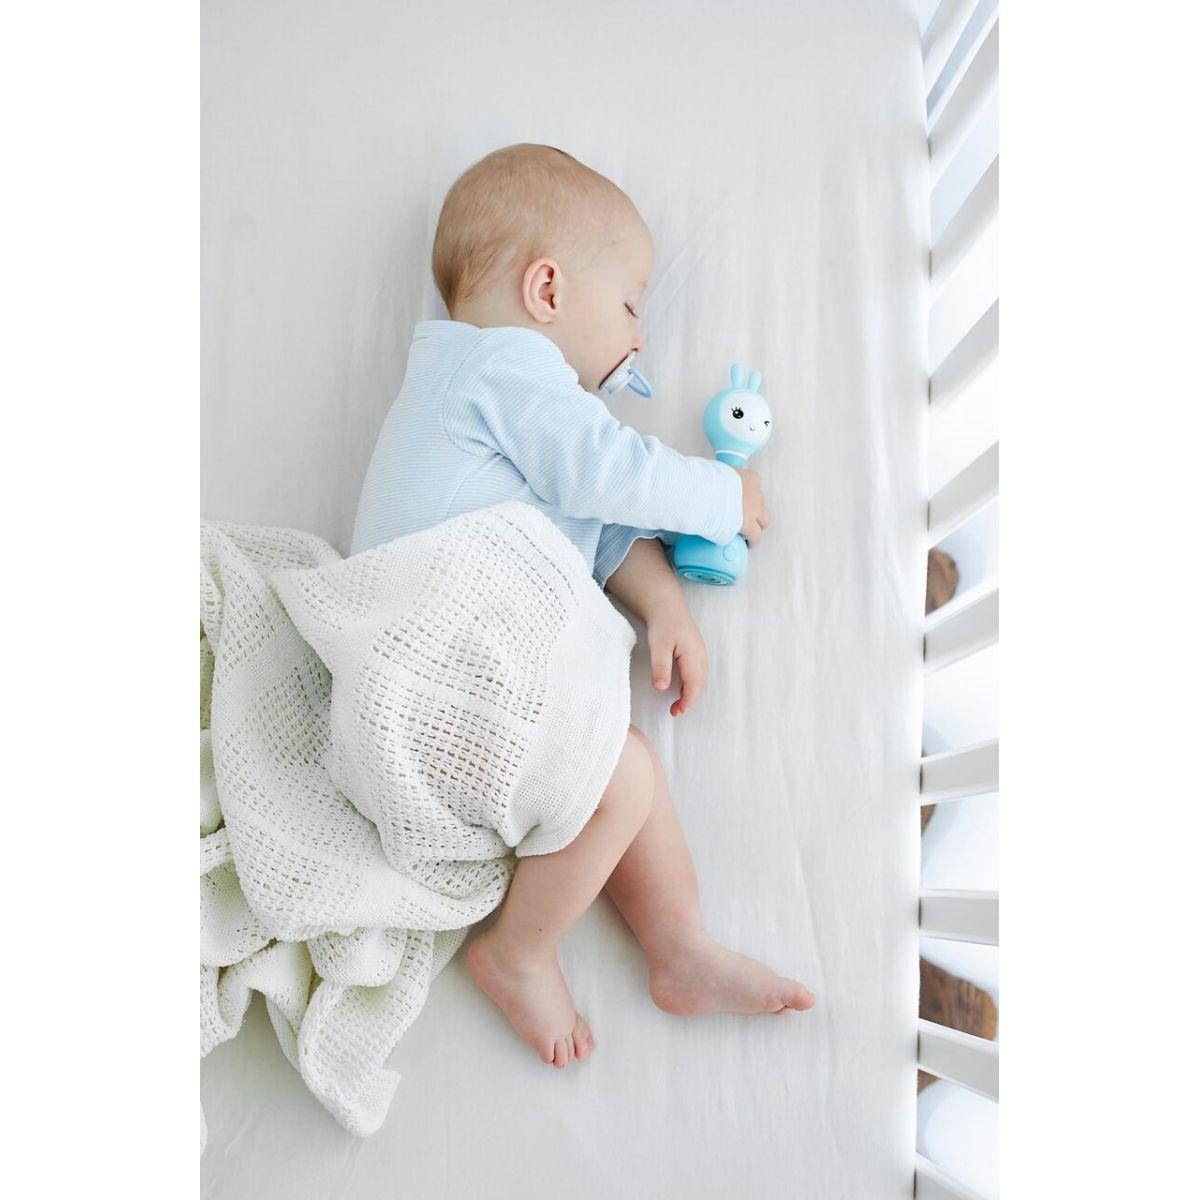 Alilo R1 синий умный зайка музыкальная игрушка 60905 6954644609058 фотографии и картинки